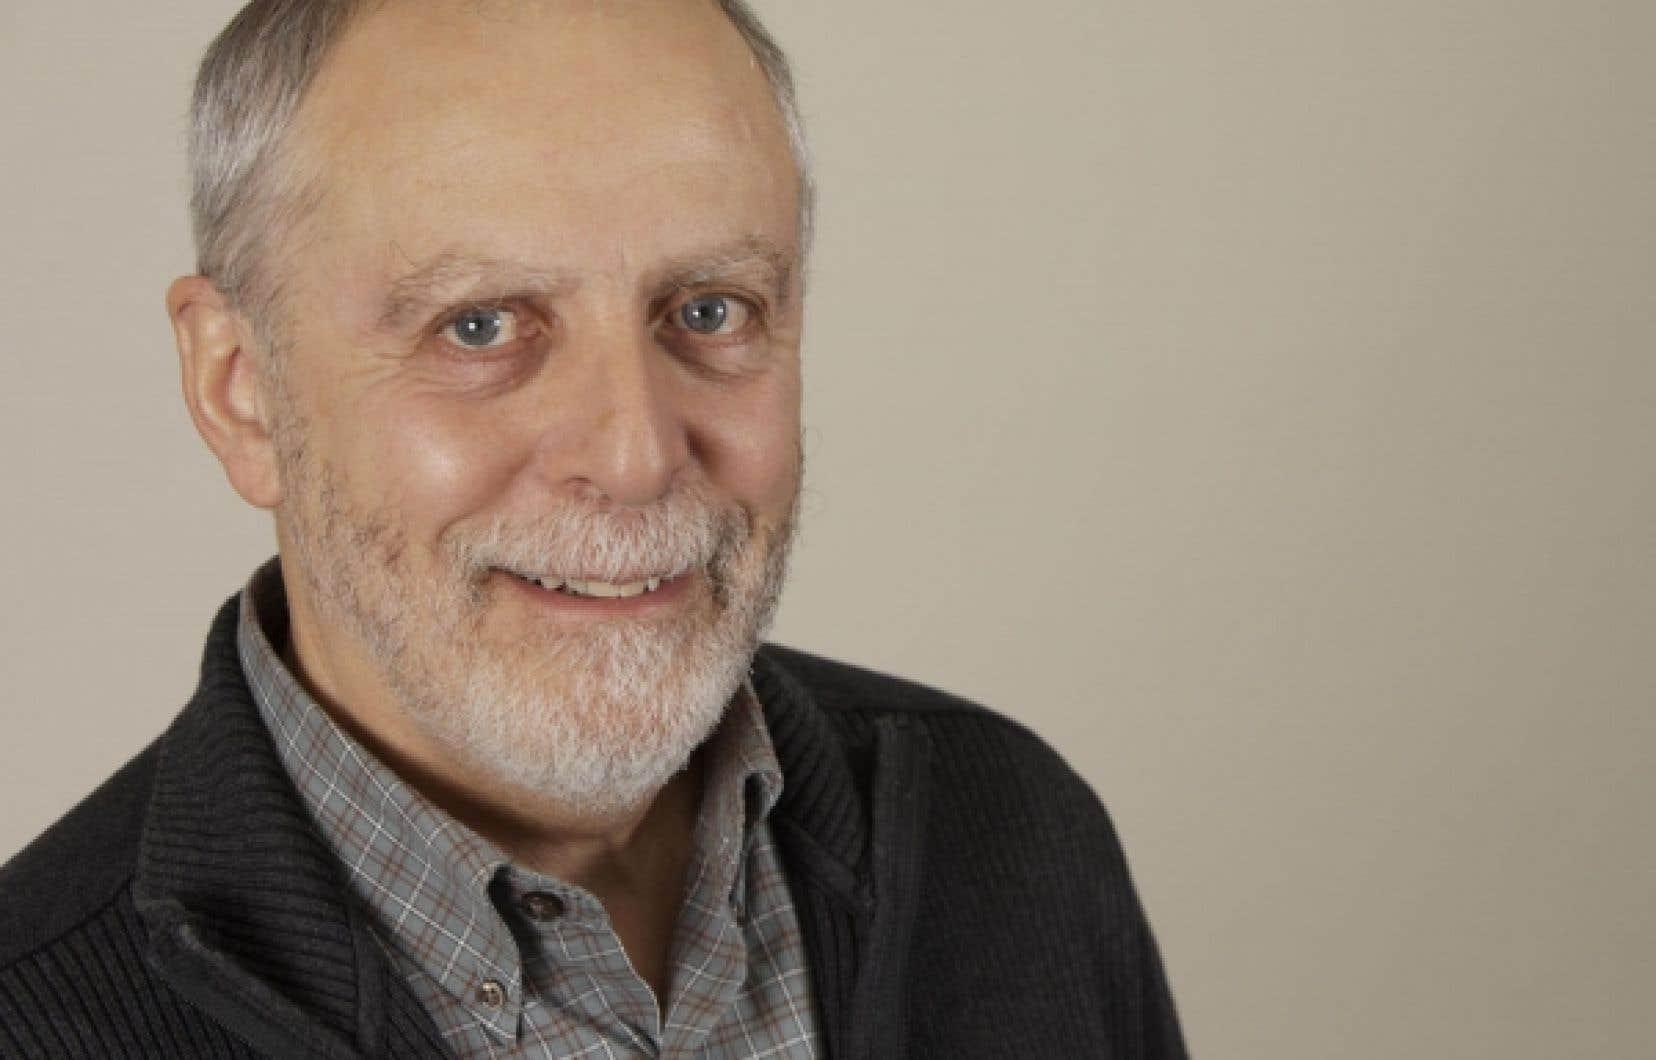 Louis-Gilles Francoeur dit avoir eu envie d'un «nouveau défi» après plus de trente ans à couvrir l'actualité en environnement.